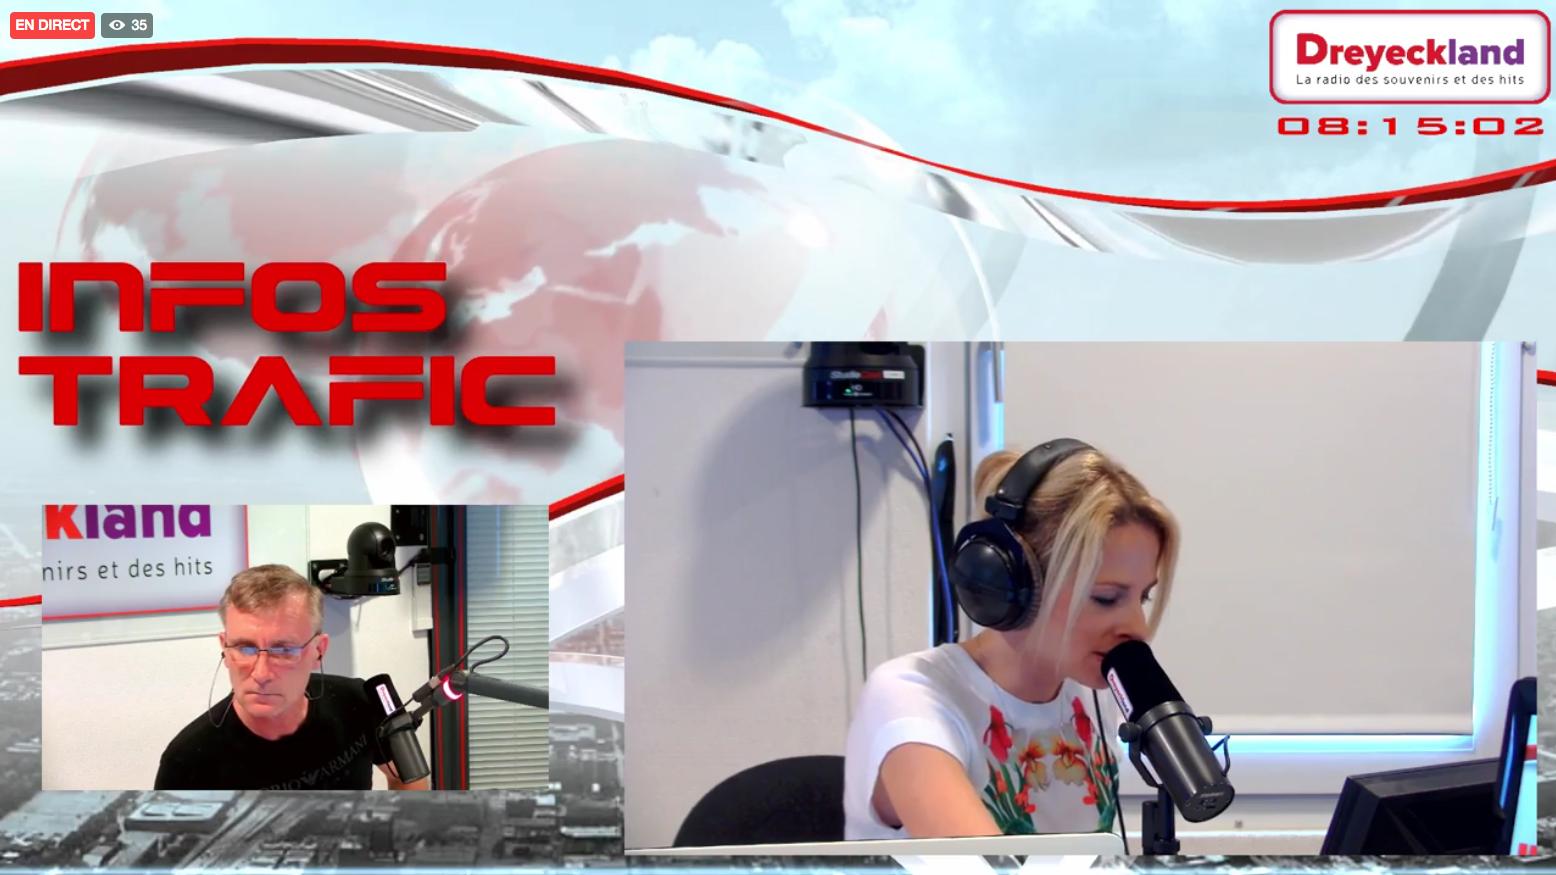 Radio Dreyeckland, tous les matins, sur Facebook Live